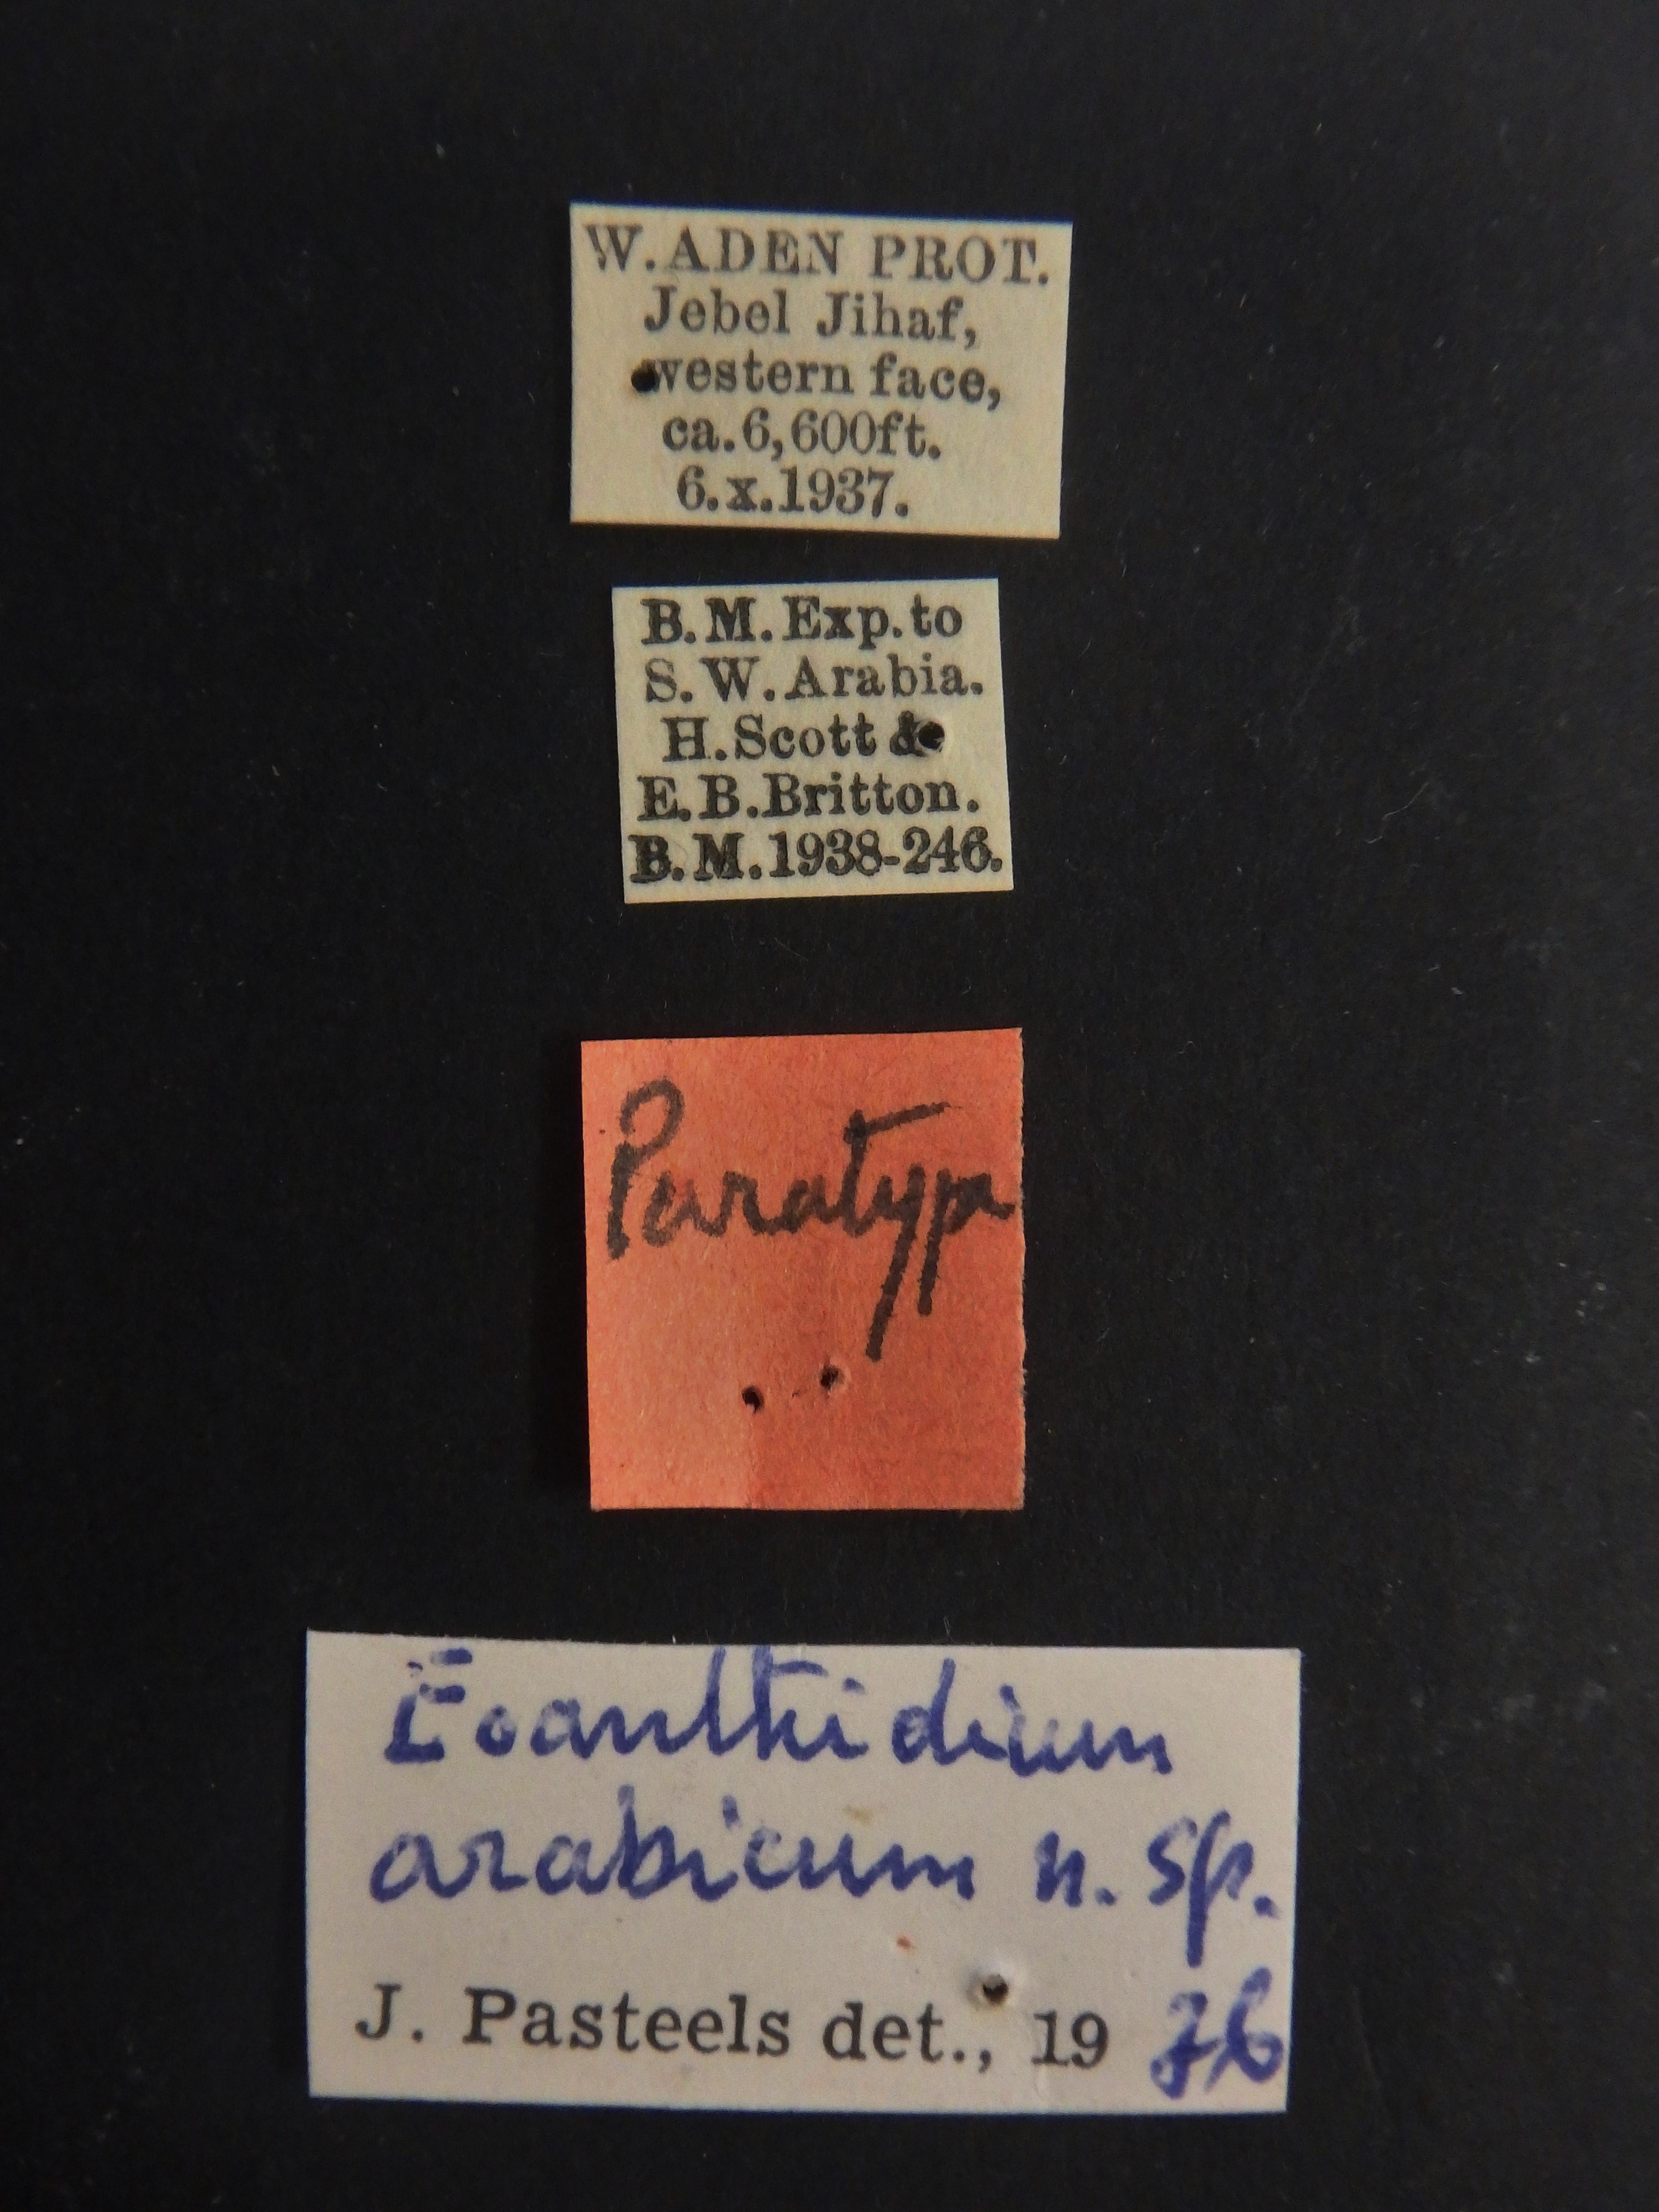 Eoanthidium arabicum pt Labels.JPG